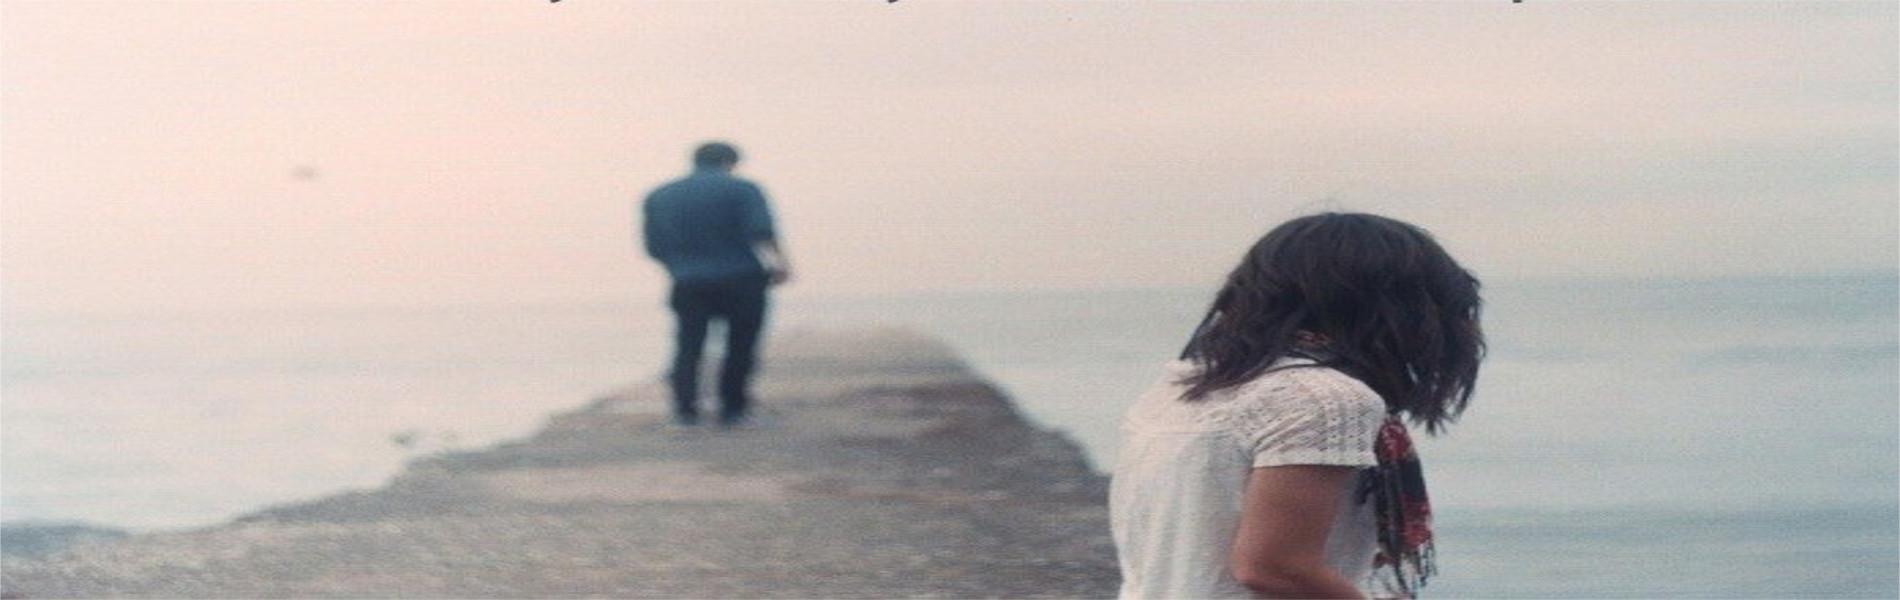 O tempo vai me fazer te esquecer